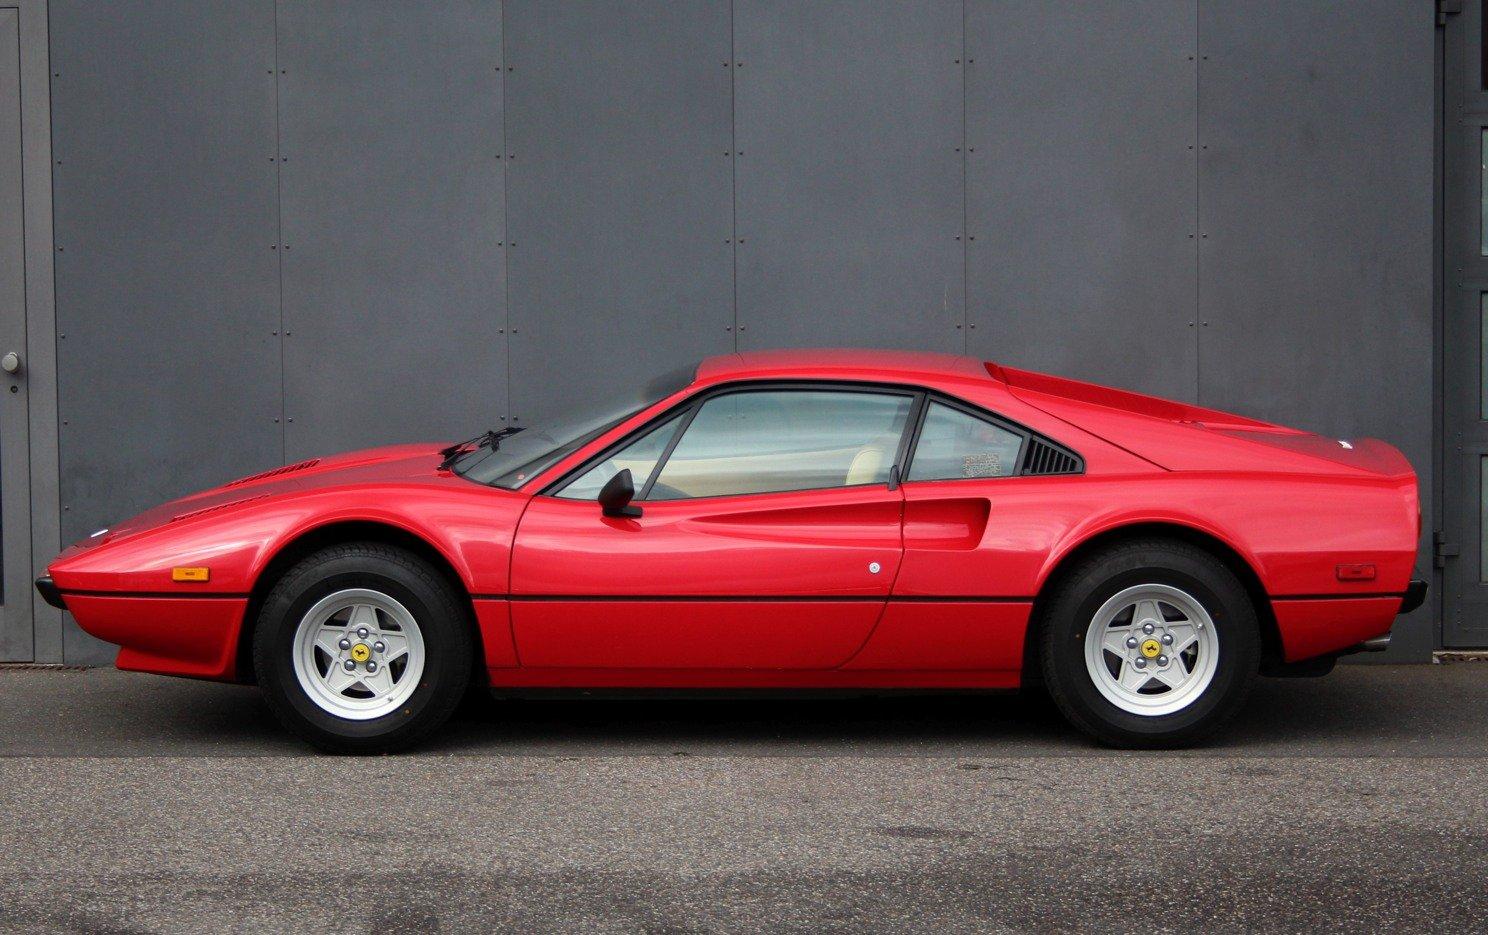 1976 Ferrari 308 GTB Vetroresina LHD (Rosso Chiaro) For Sale (picture 5 of 6)